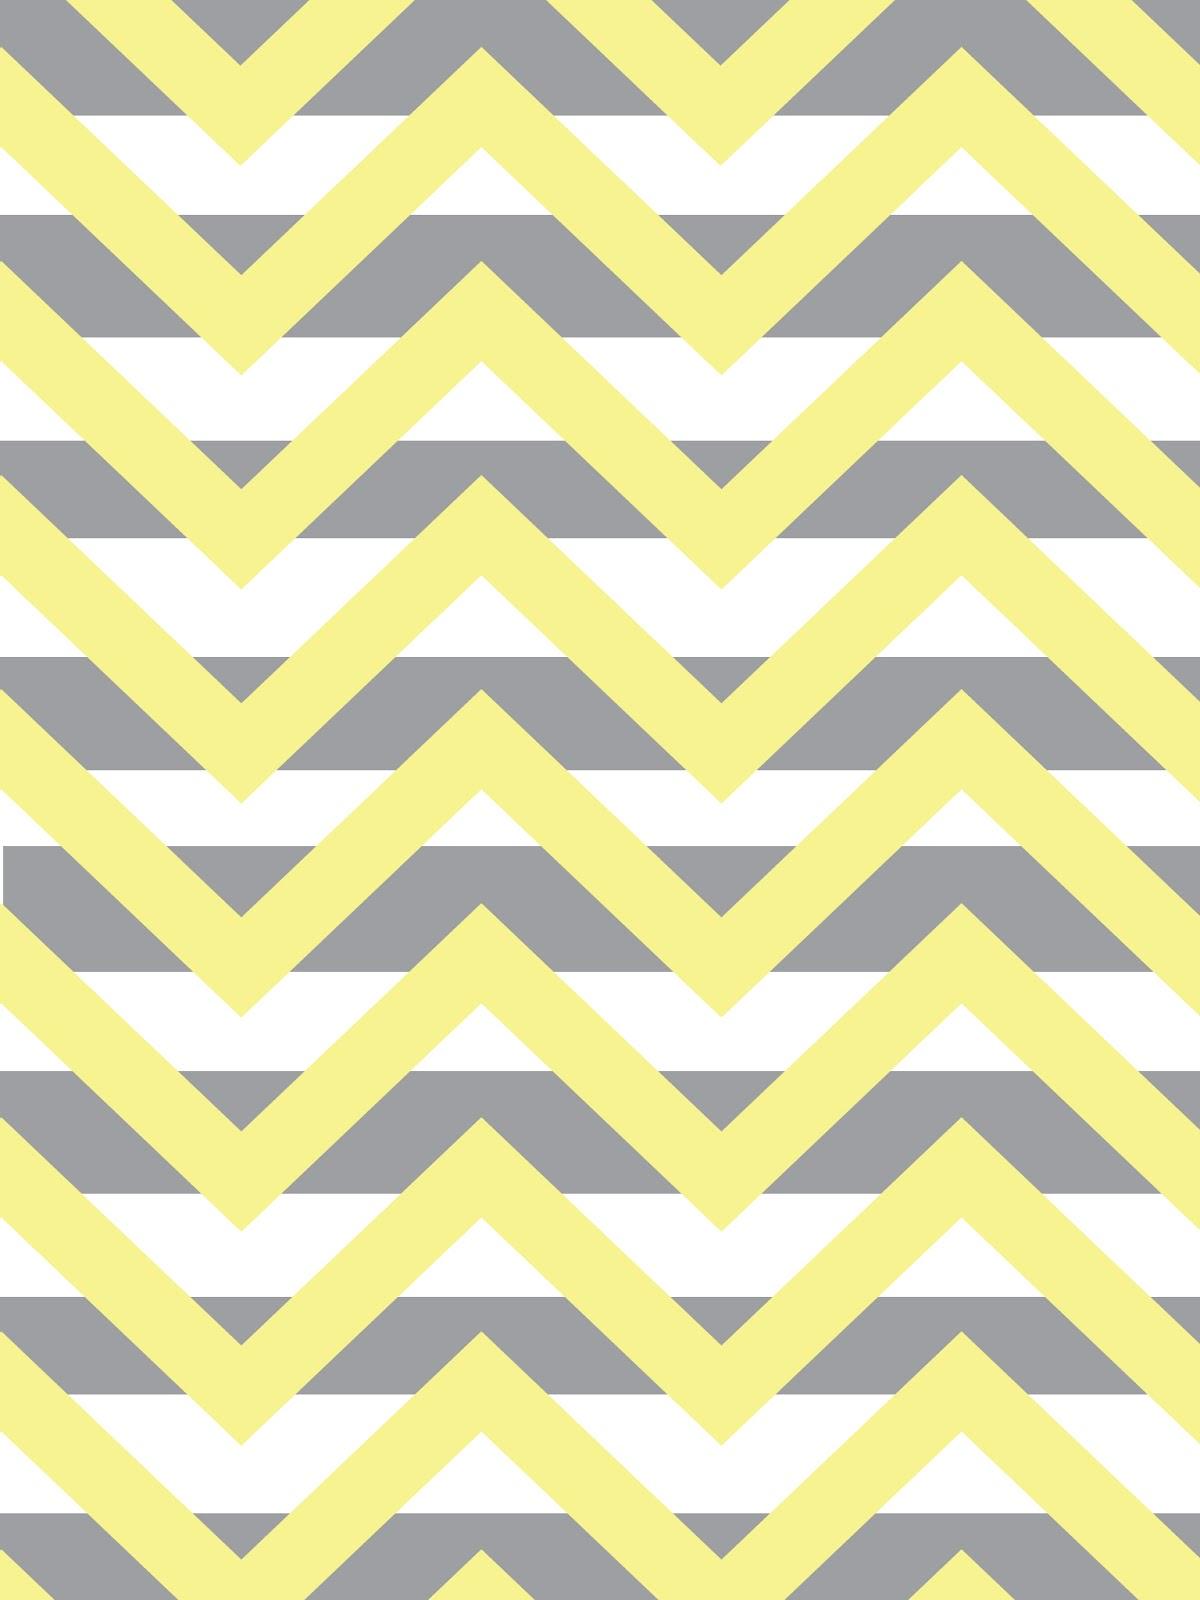 Chevron Wallpaper 1200x1600